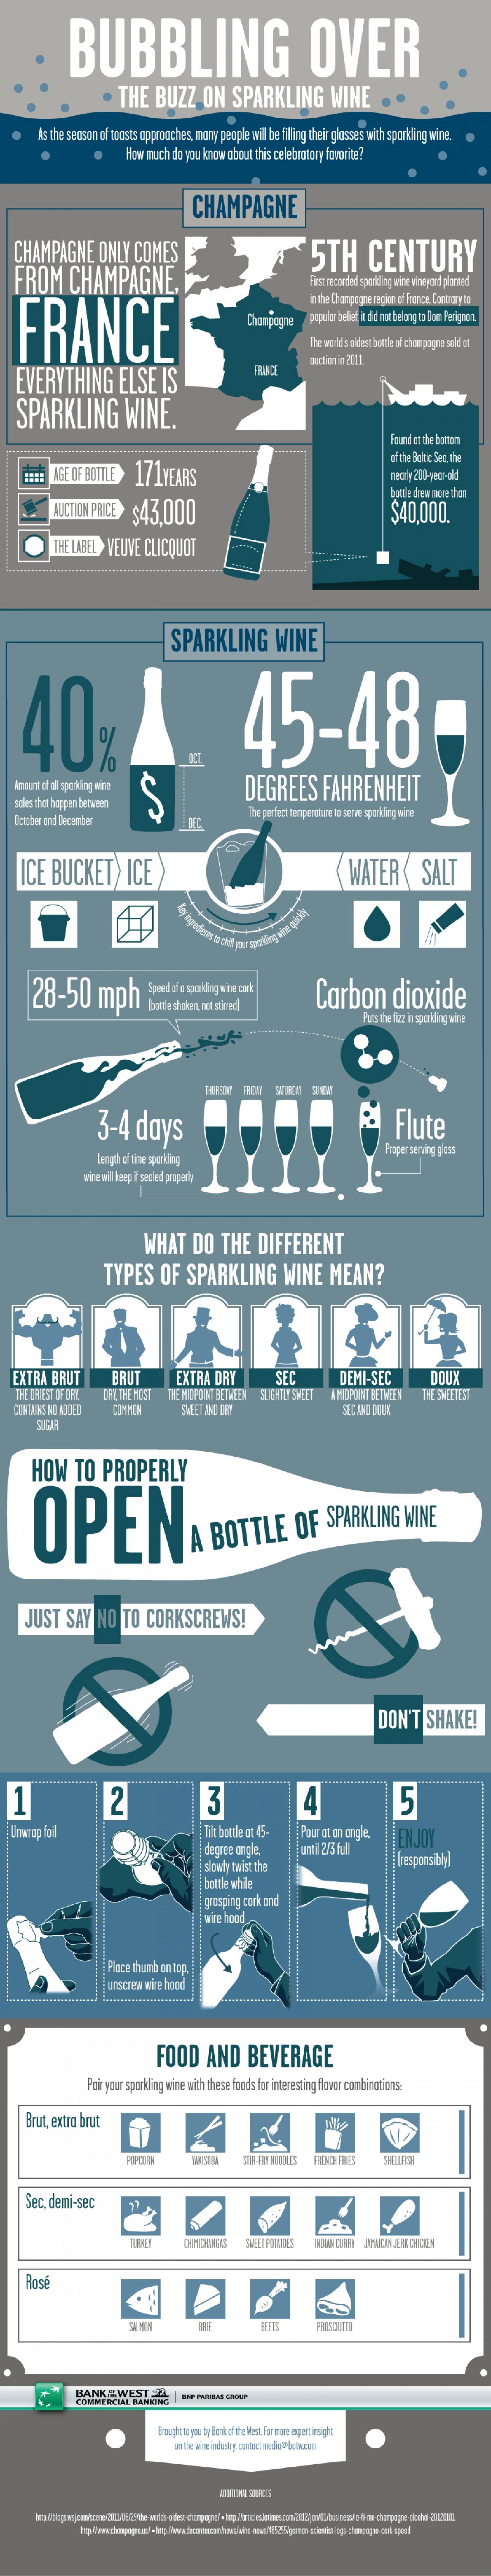 16. Sparkling Wine